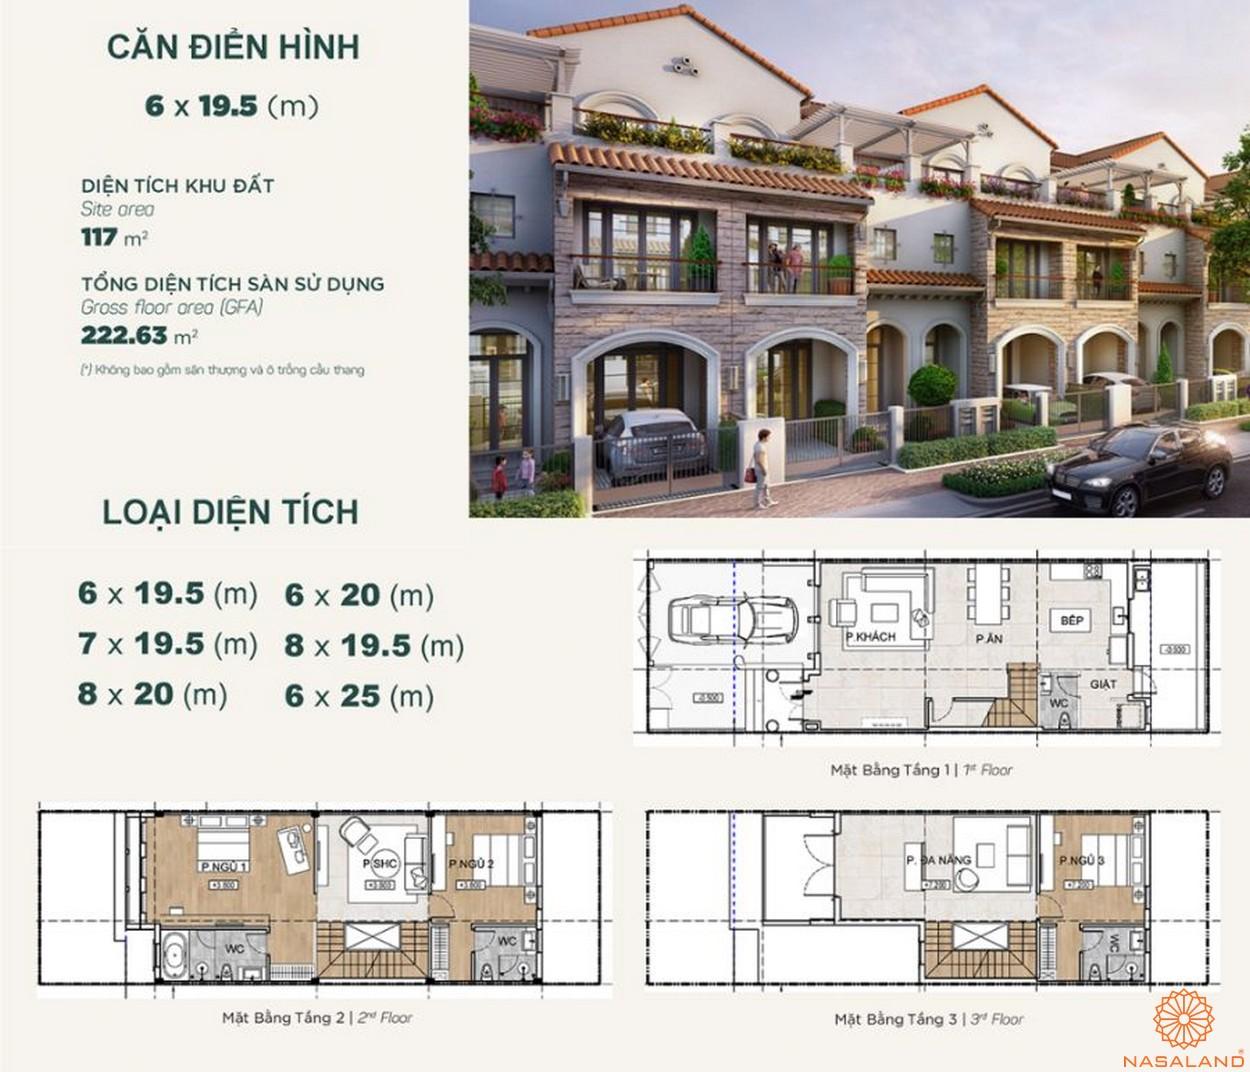 Thiết kế dự án biệt thự Aqua City Đảo Phượng Hoàng Đồng Nai - nhà phố